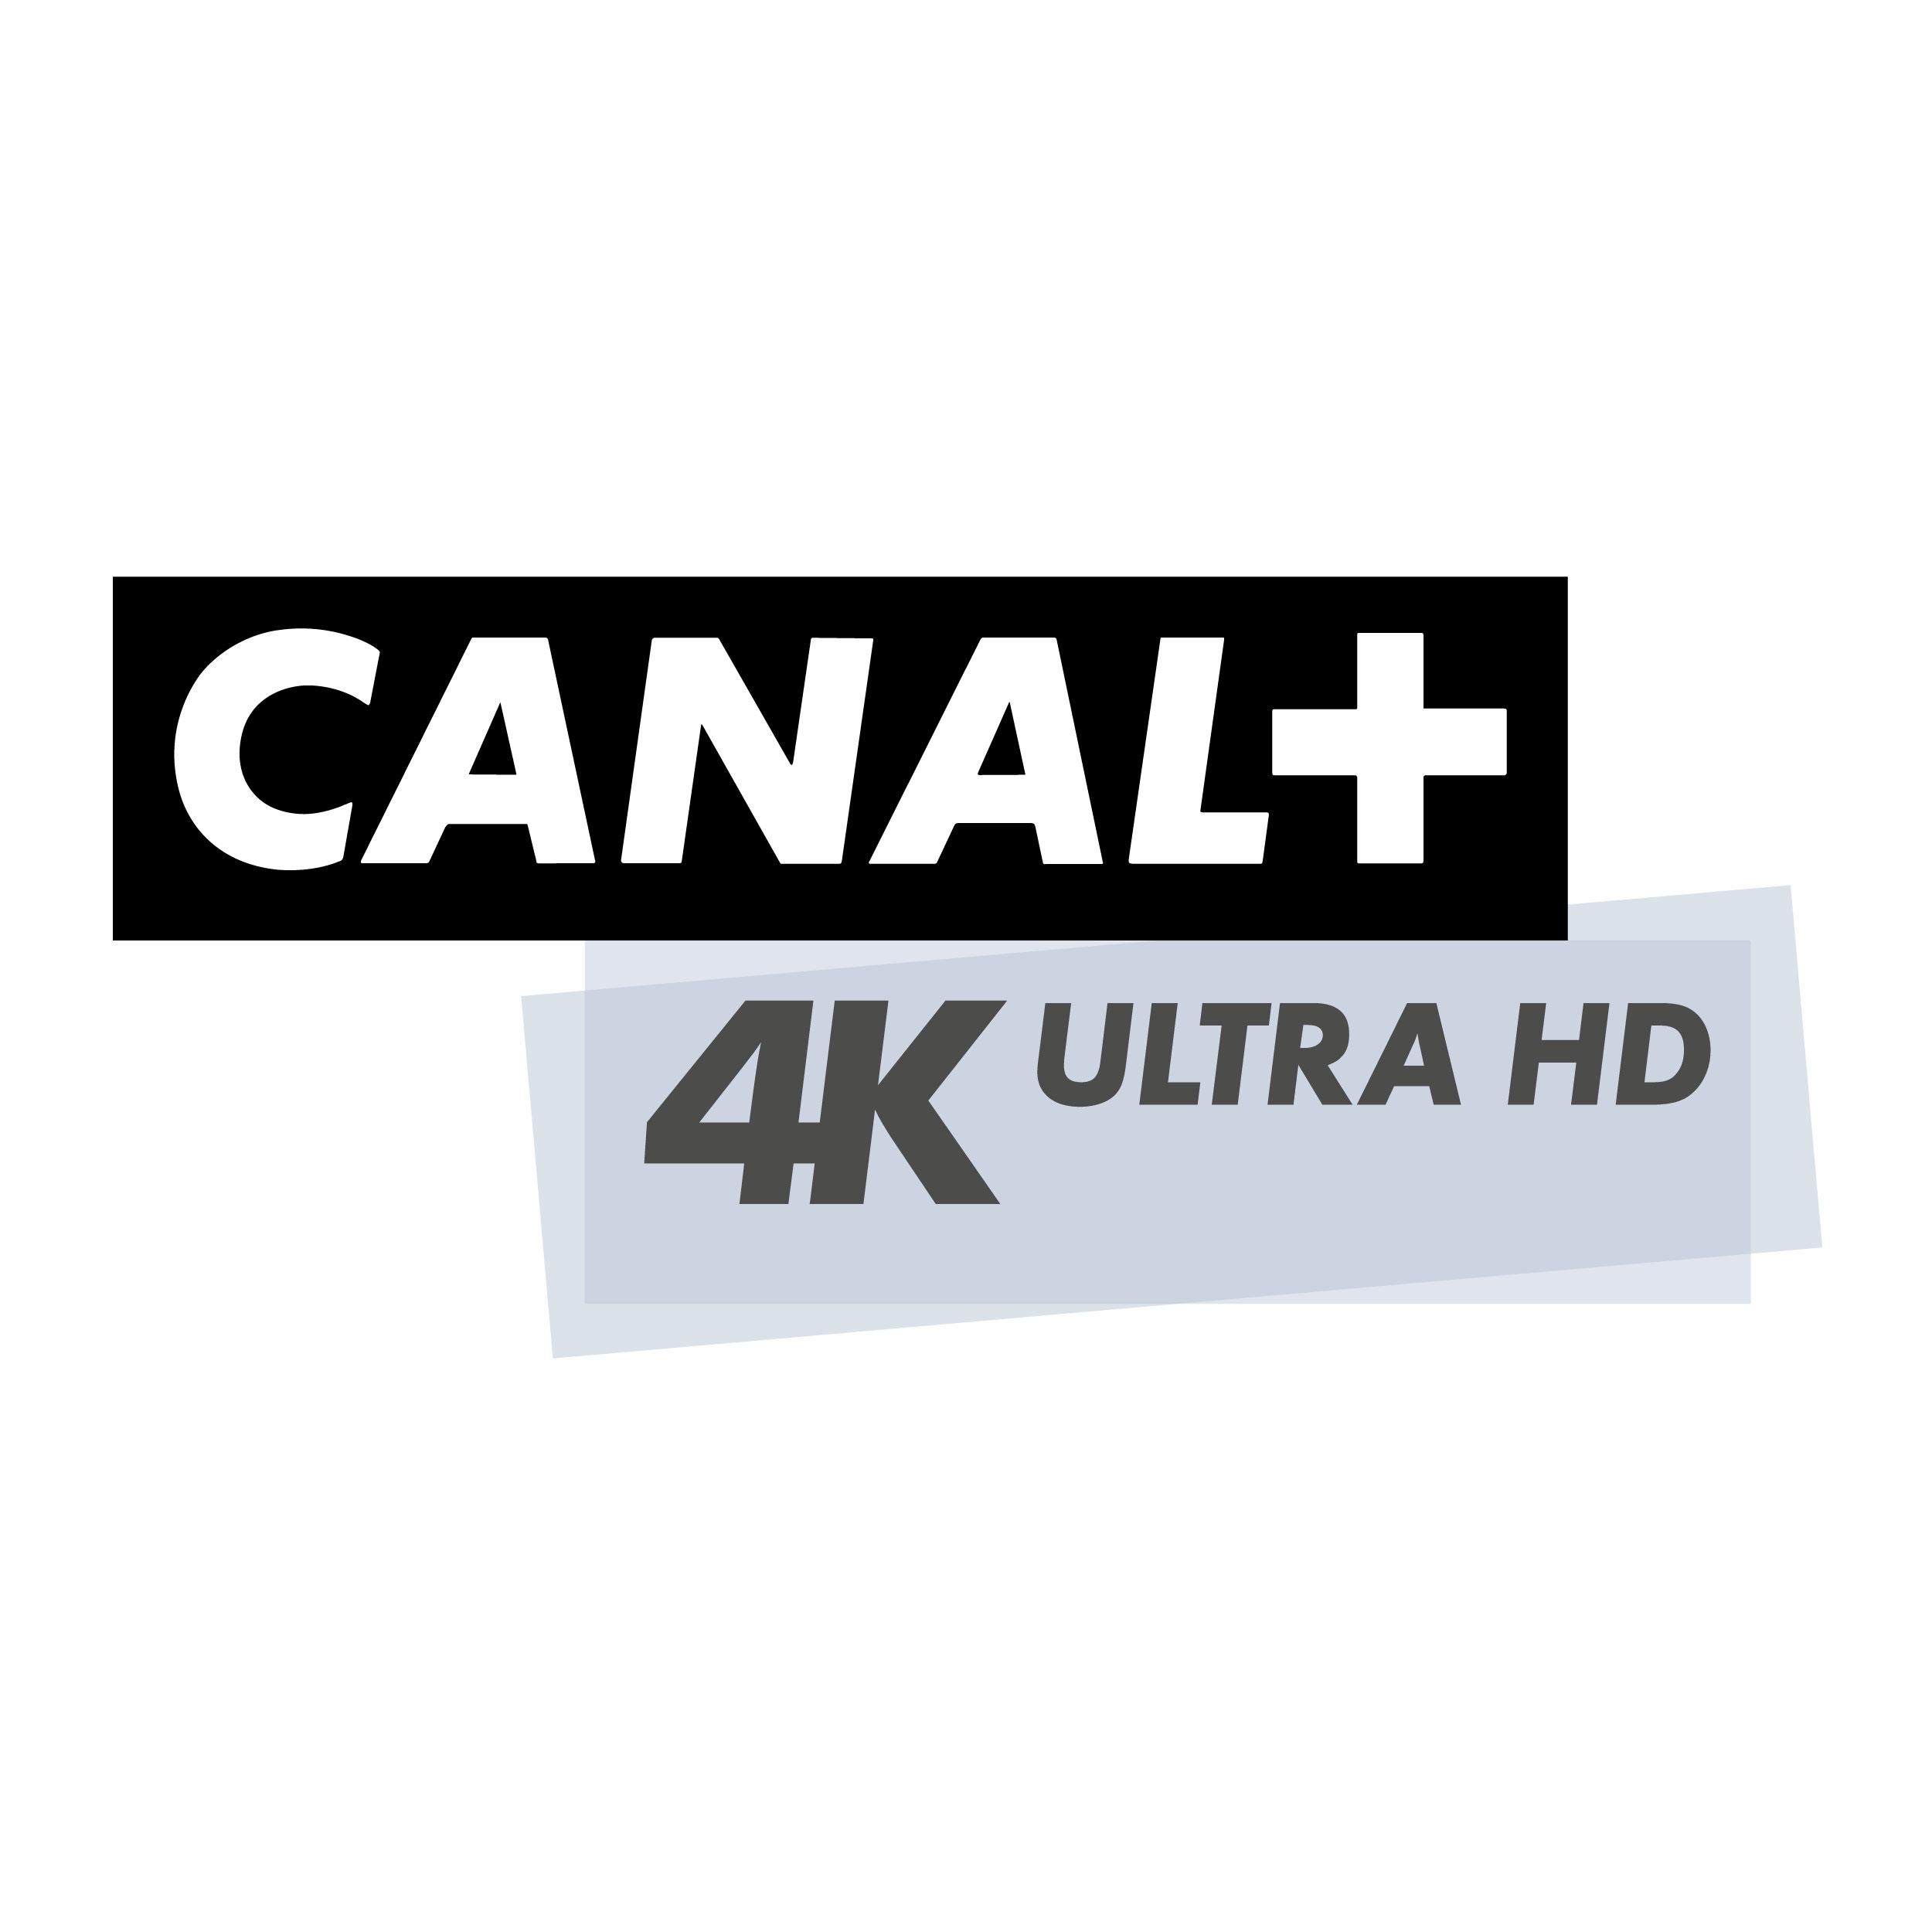 Znalezione obrazy dla zapytania canal+4k